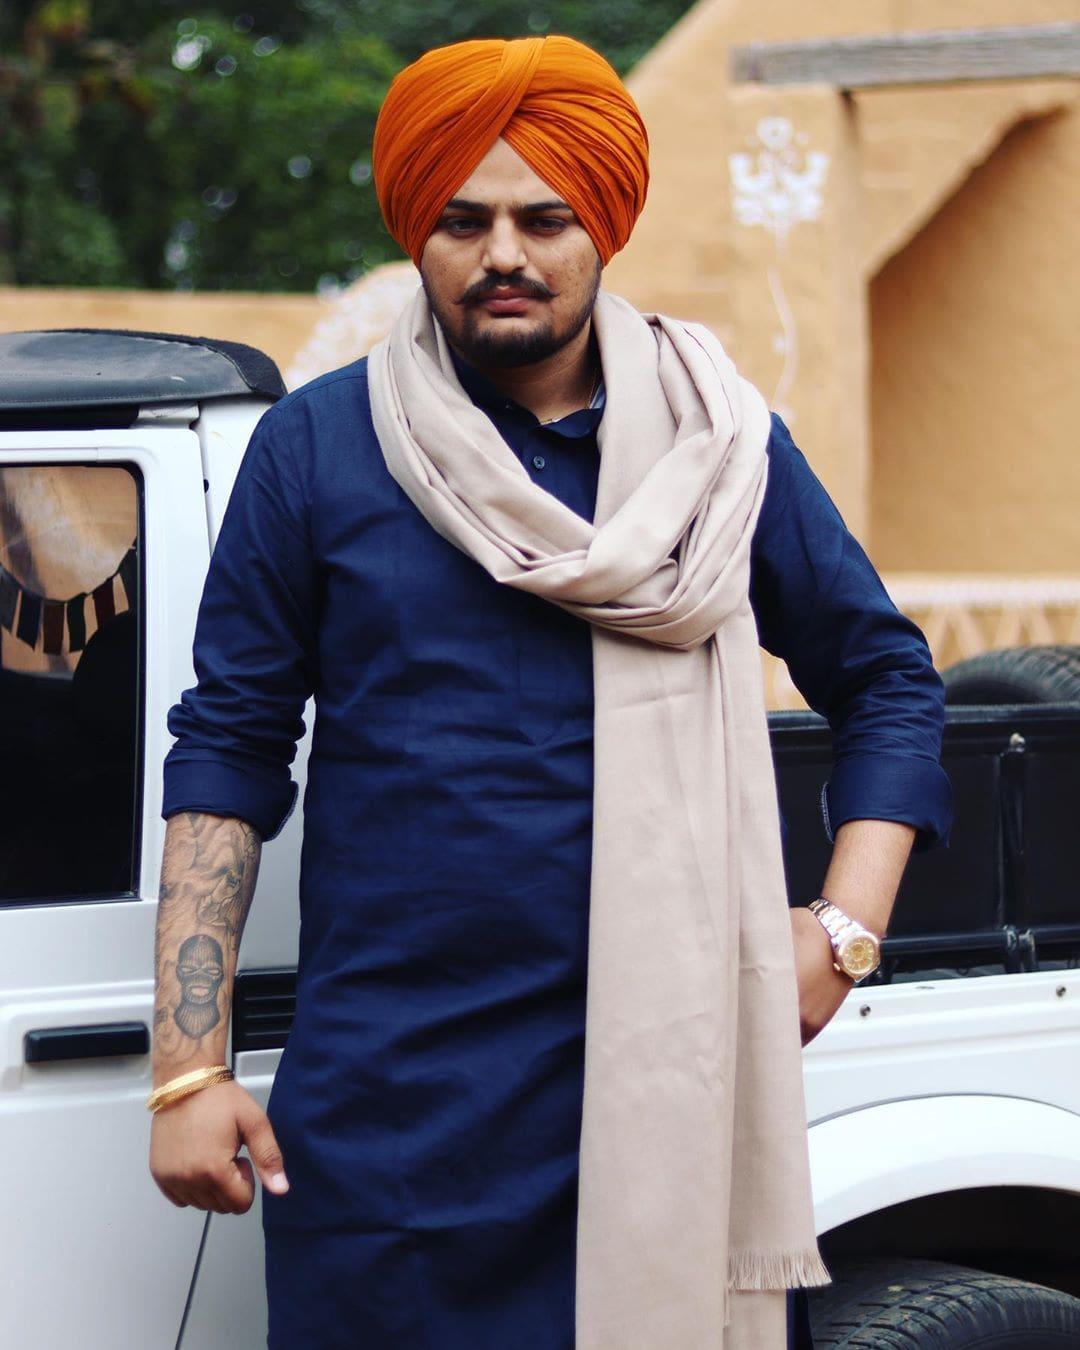 Sidhu Moose Wala Photo